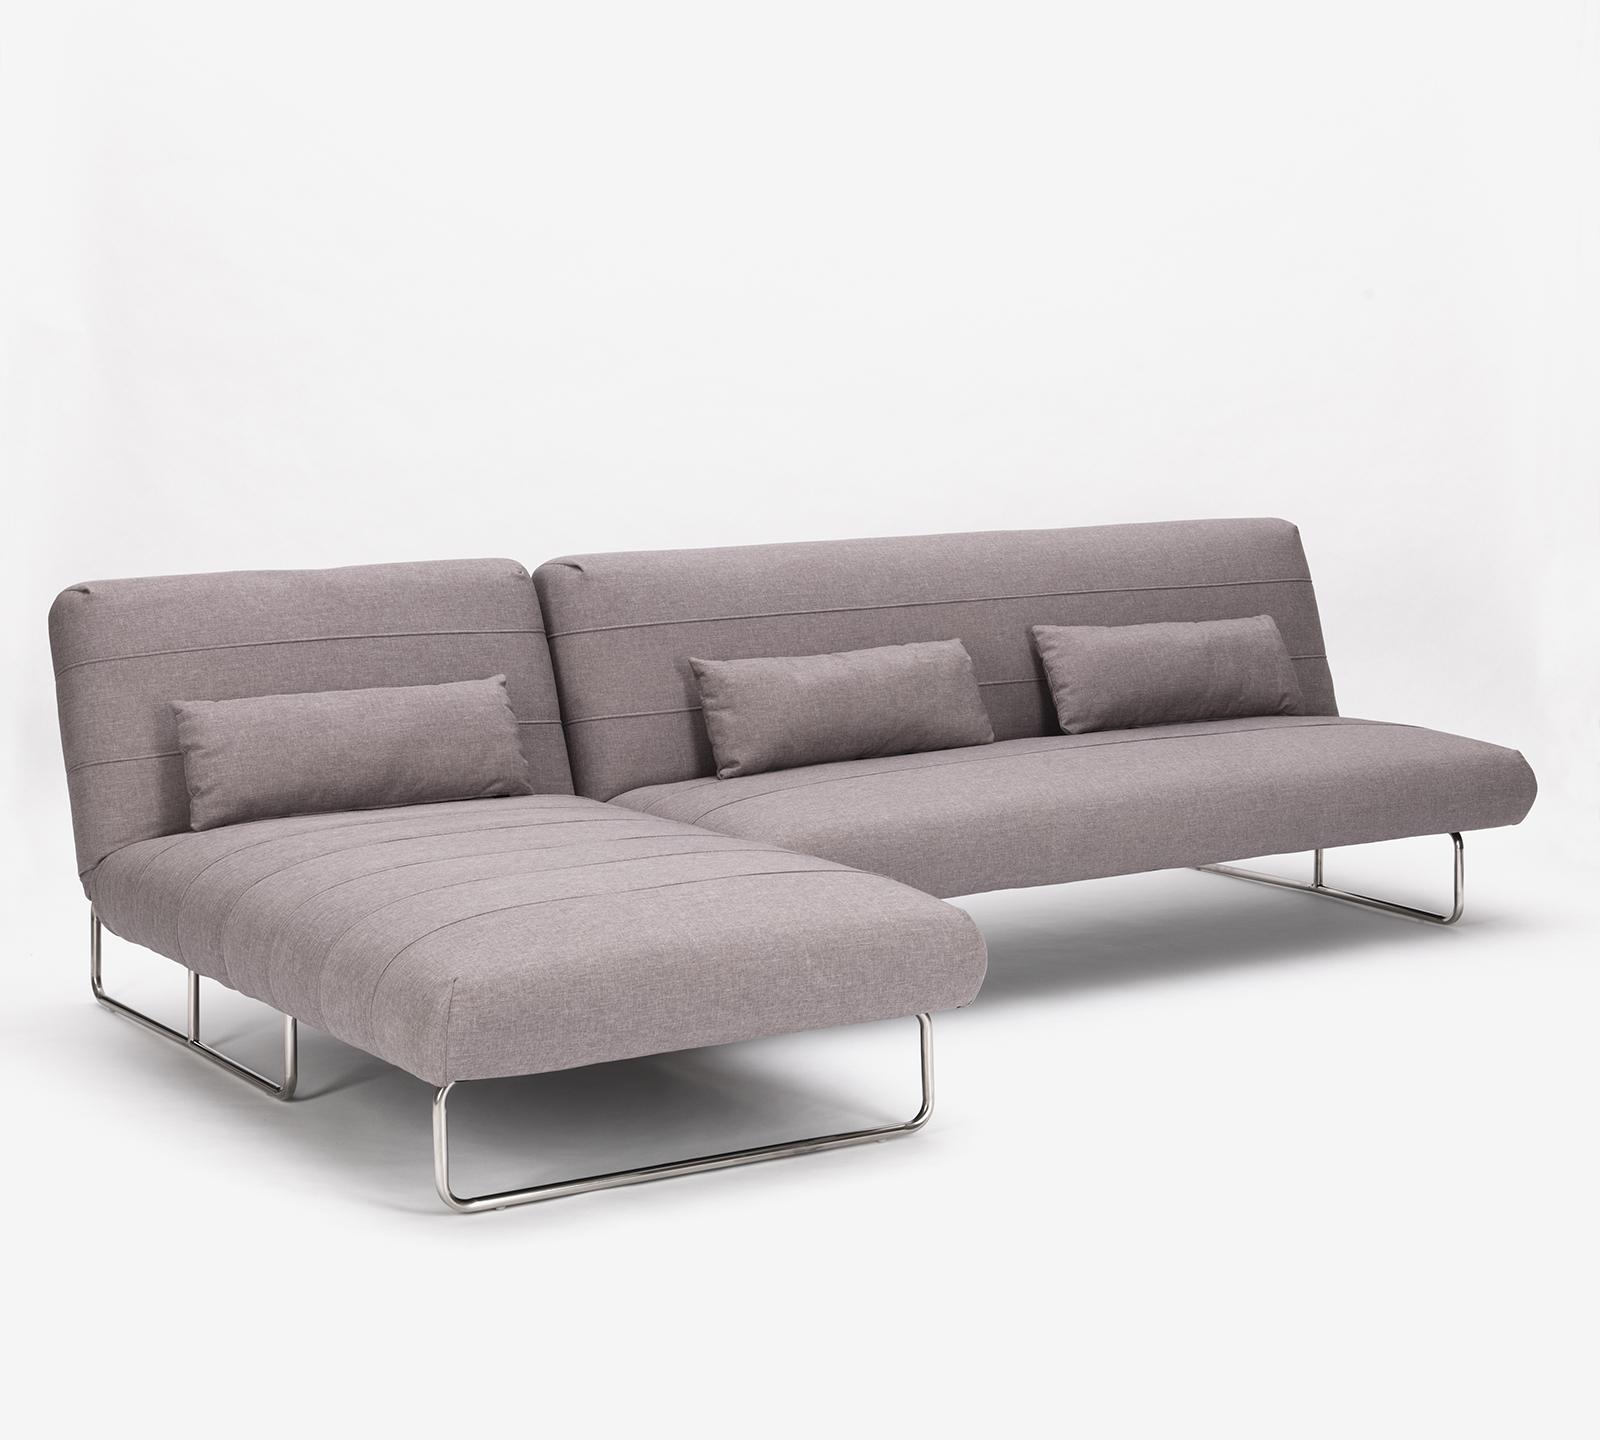 Divano letto napoleon in tessuto grigio chiaro duzzle for Divano letto costo